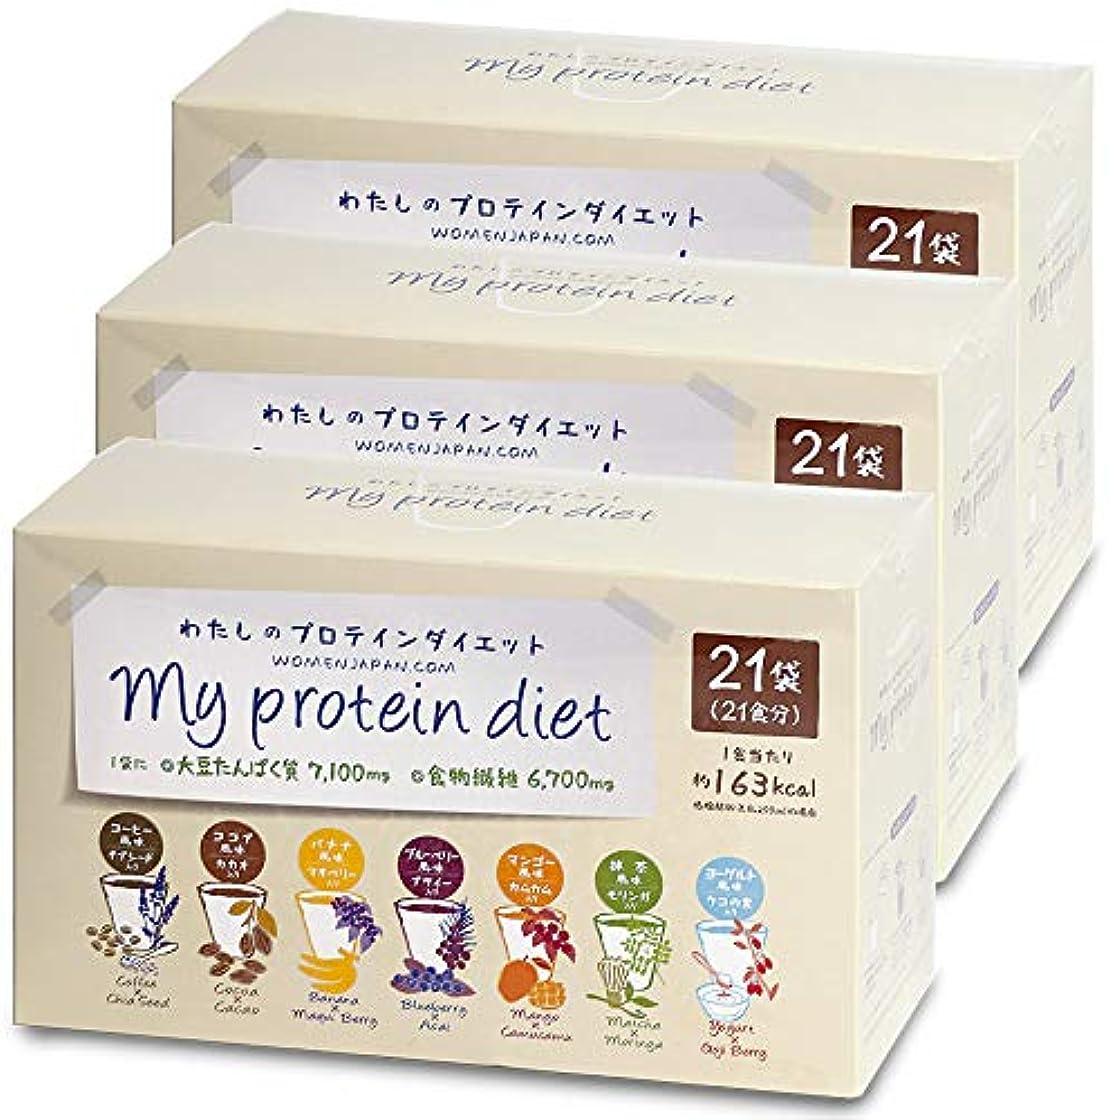 雇用雇用者事実上わたしのプロテインダイエット 63食セット 1食置き換えダイエットシェイク 低糖質